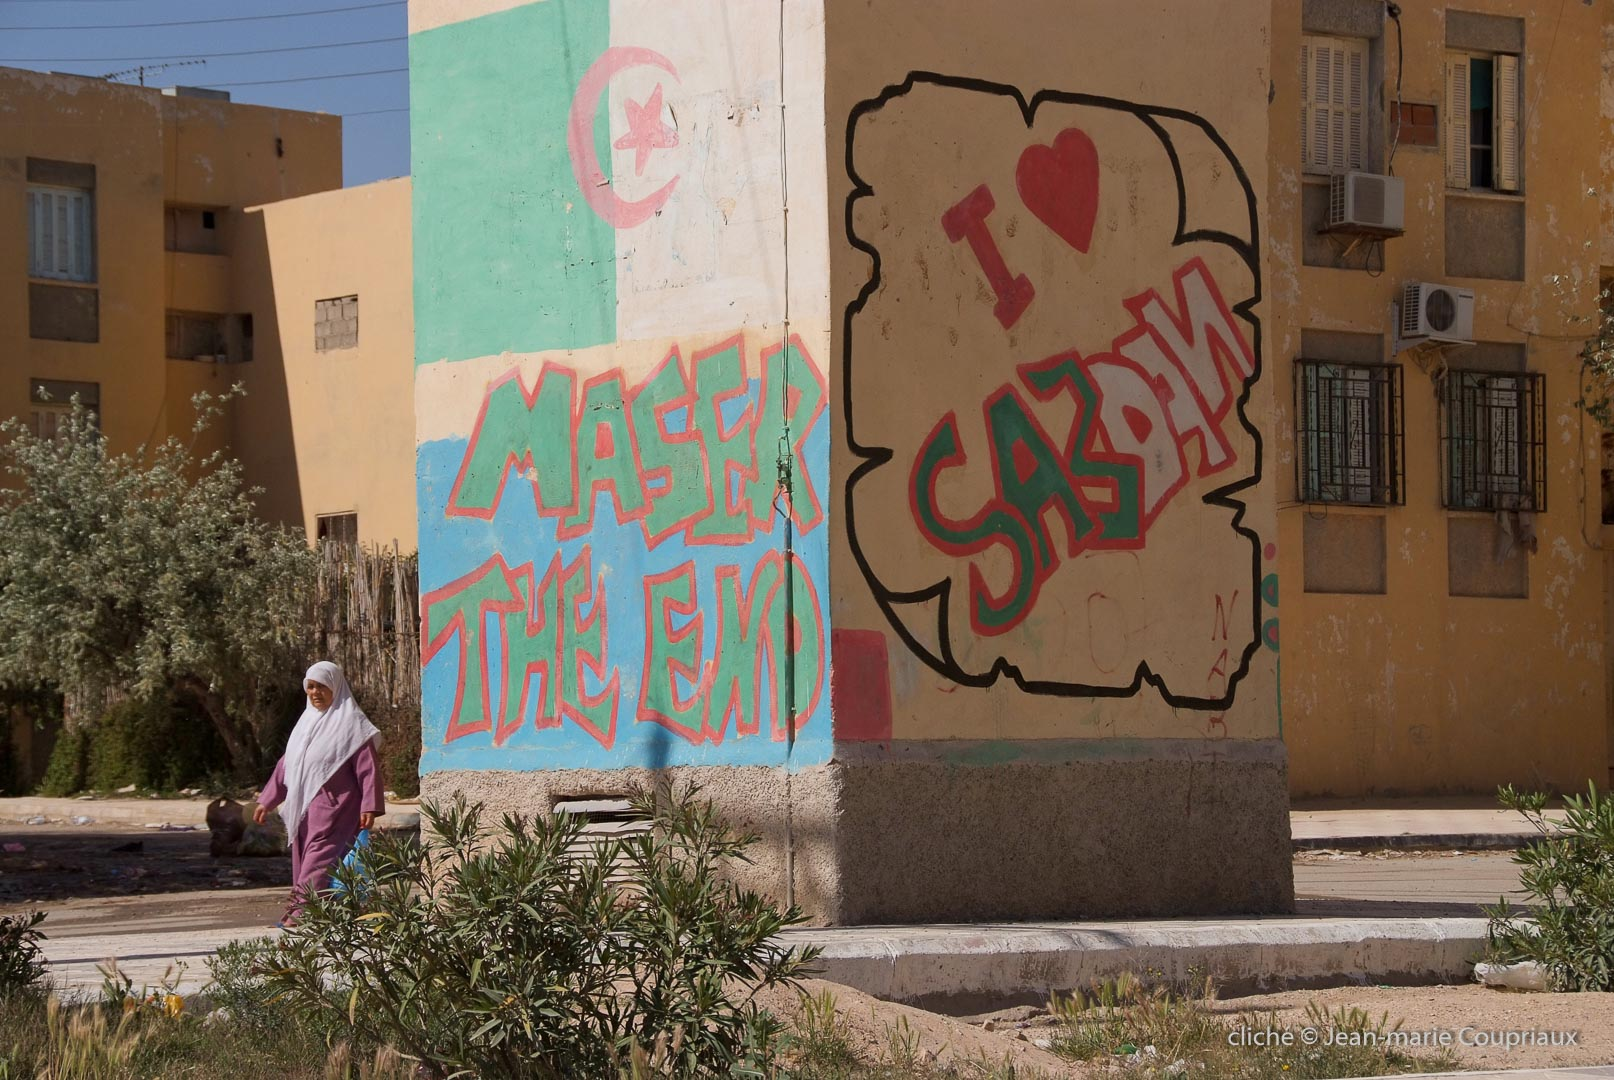 802-2011_Algerie-554